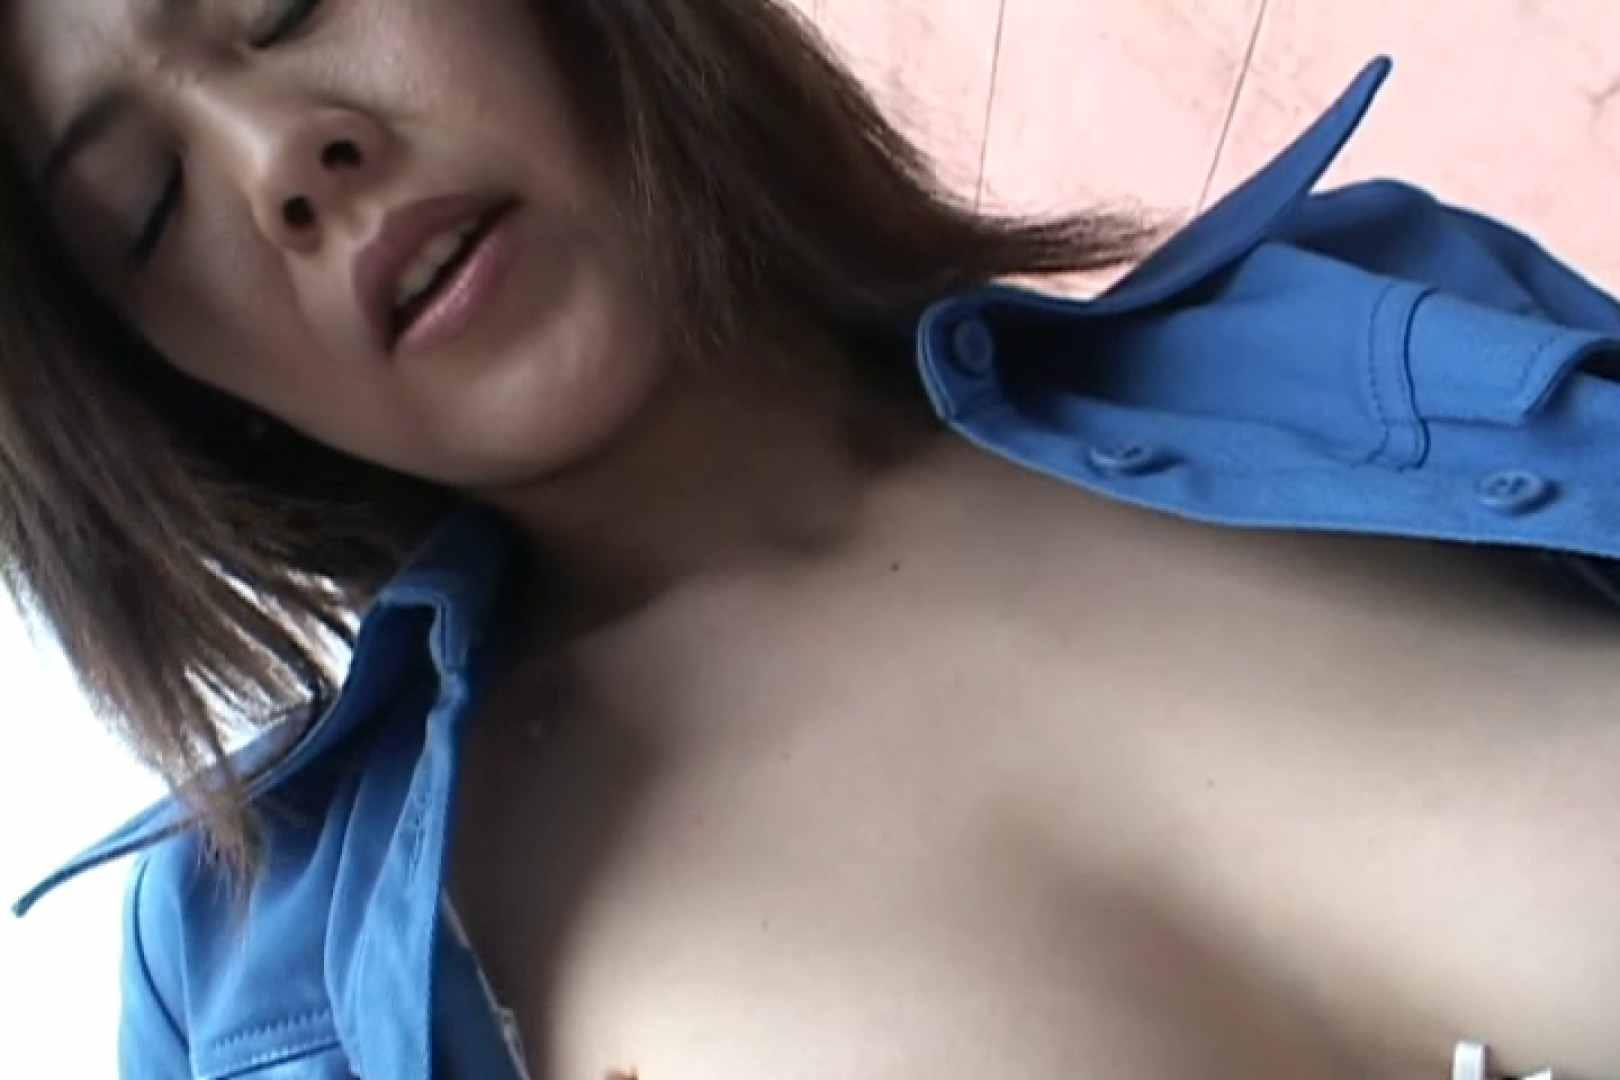 昼間の奥様は欲求不満 ~桜田ゆかり~ SEX セックス画像 88PIX 43